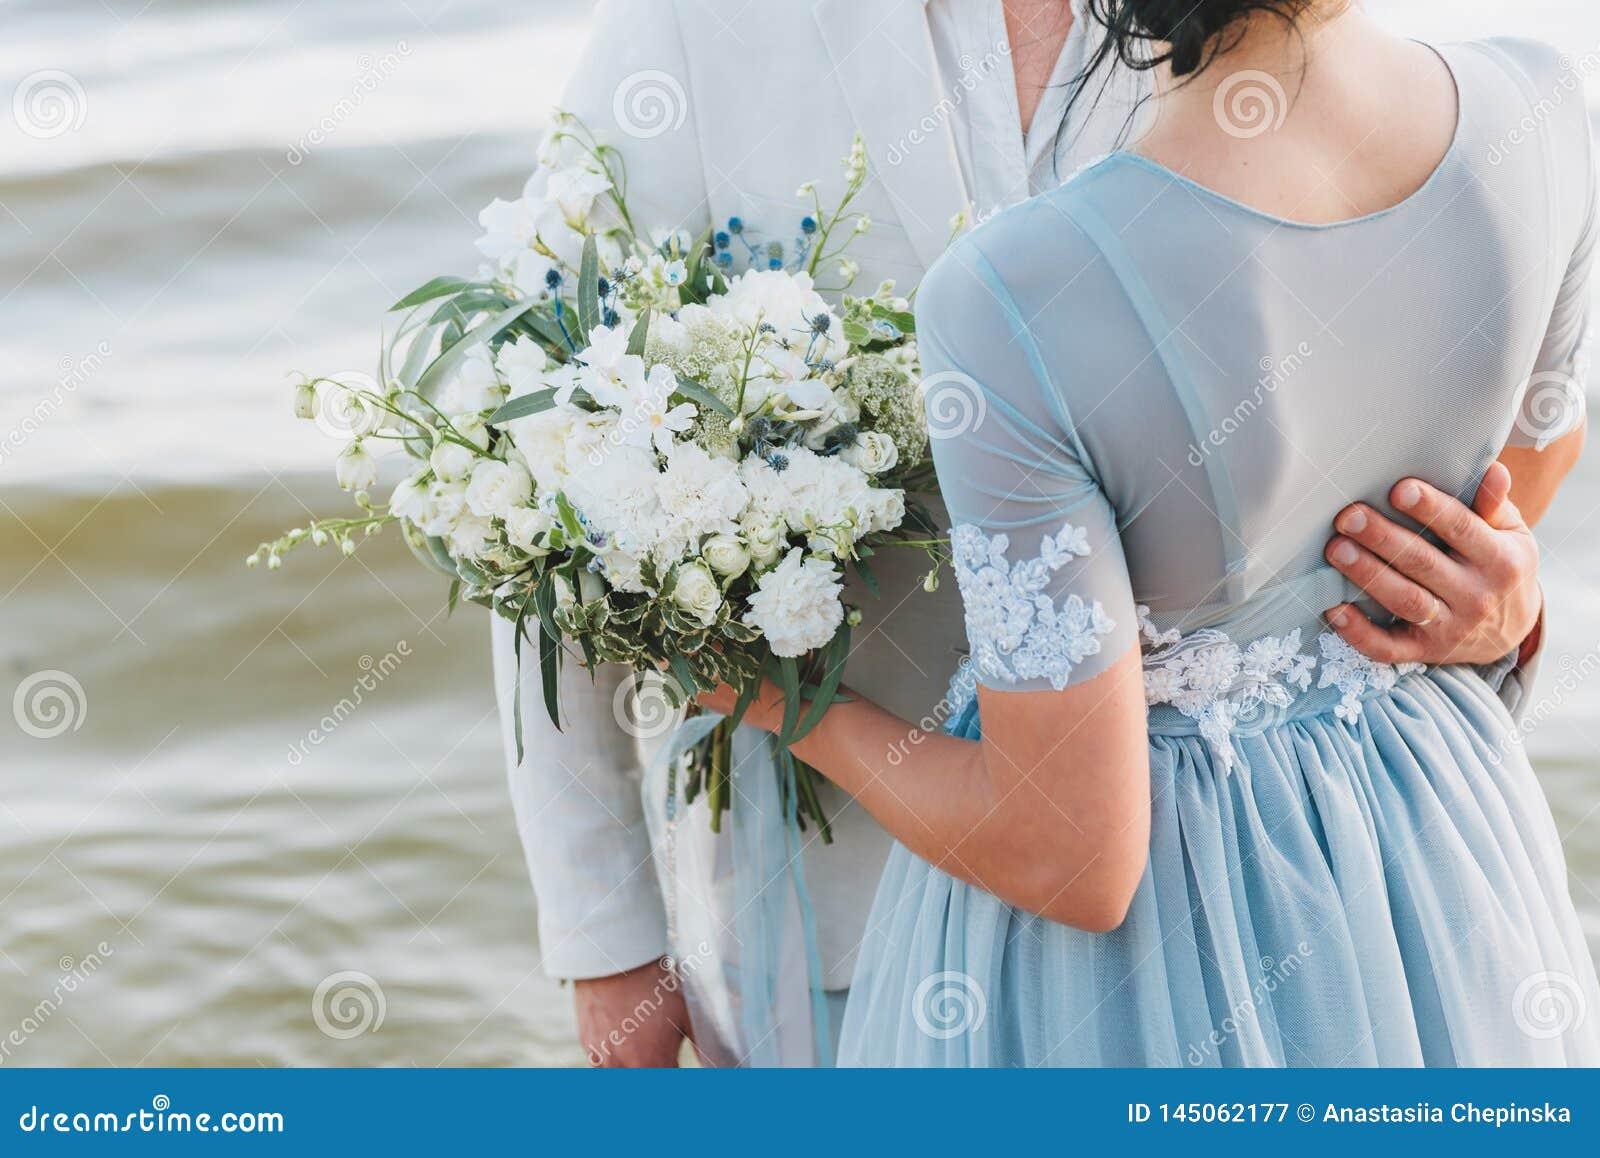 Prepare tener su mano en la cintura de su novia, coloc?ndose en una playa La novia est? sosteniendo un ramo